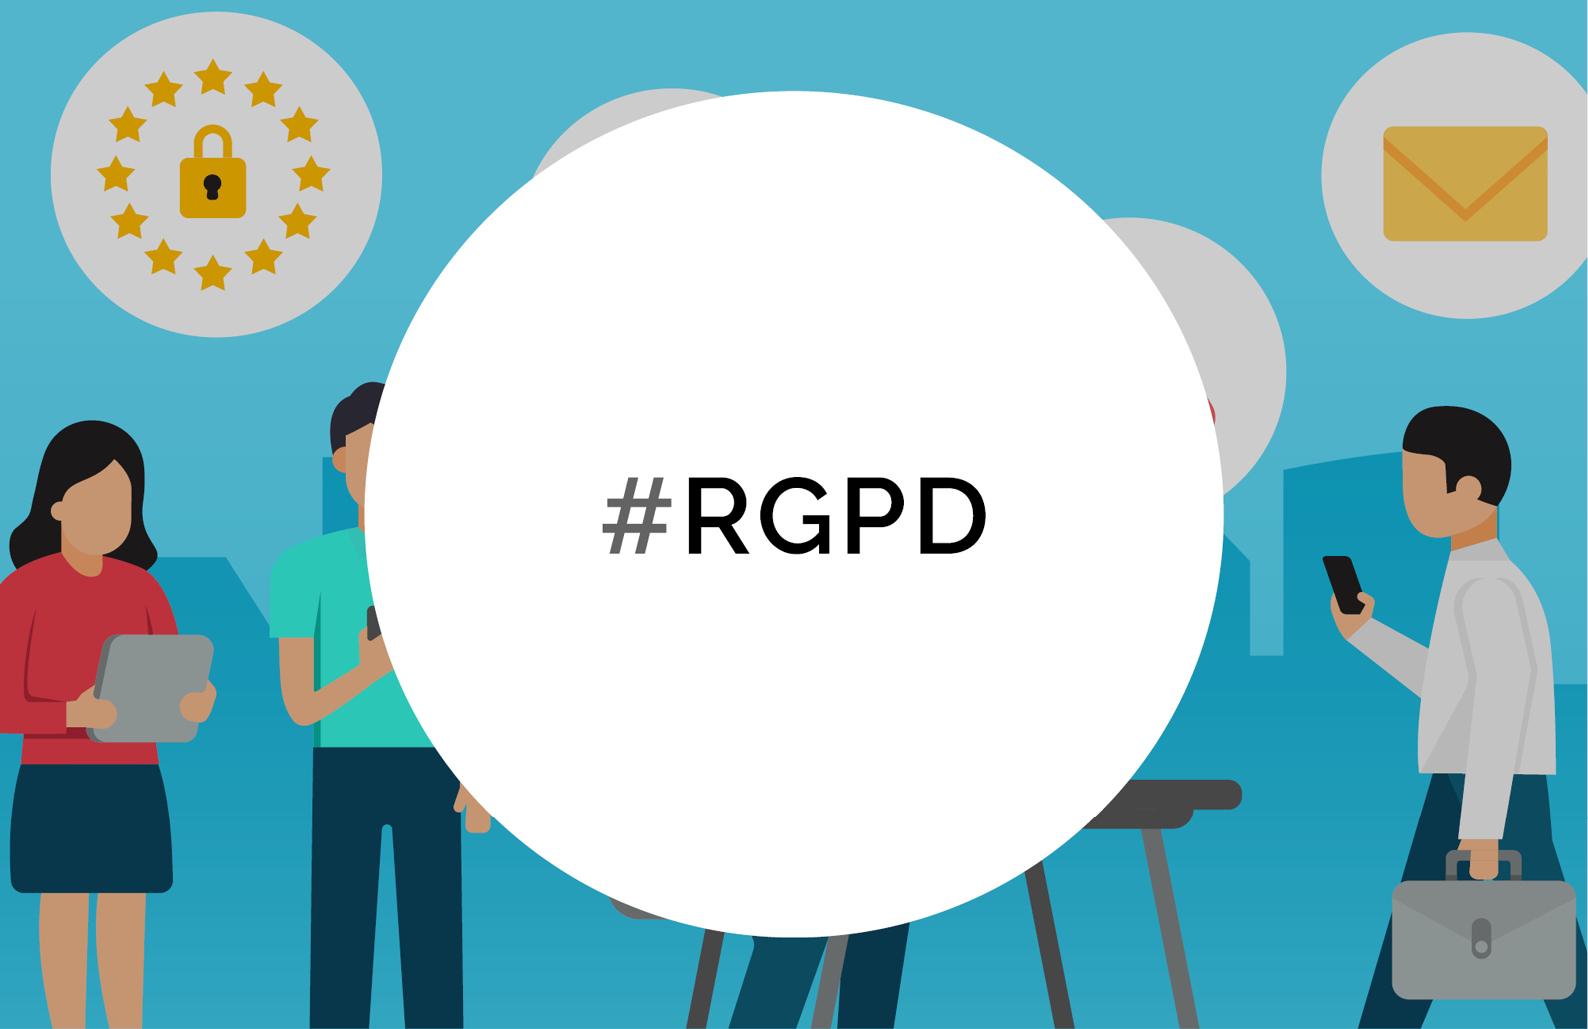 Formation RGPD - 19 février, Paris